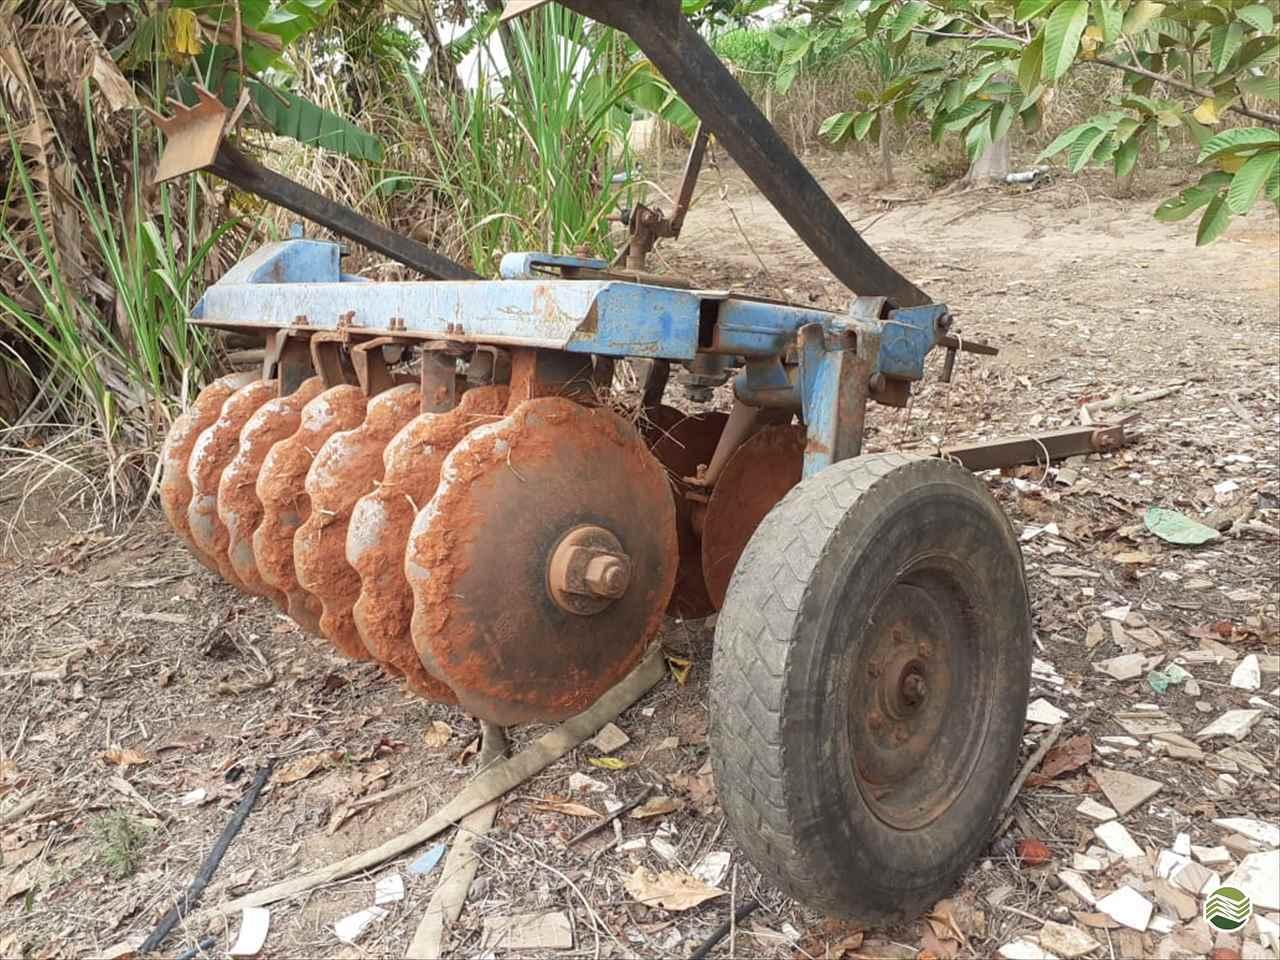 IMPLEMENTOS AGRICOLAS GRADE ARADORA ARADORA 14 DISCOS Sumaré Máquinas e Veículos SUMARE SÃO PAULO SP